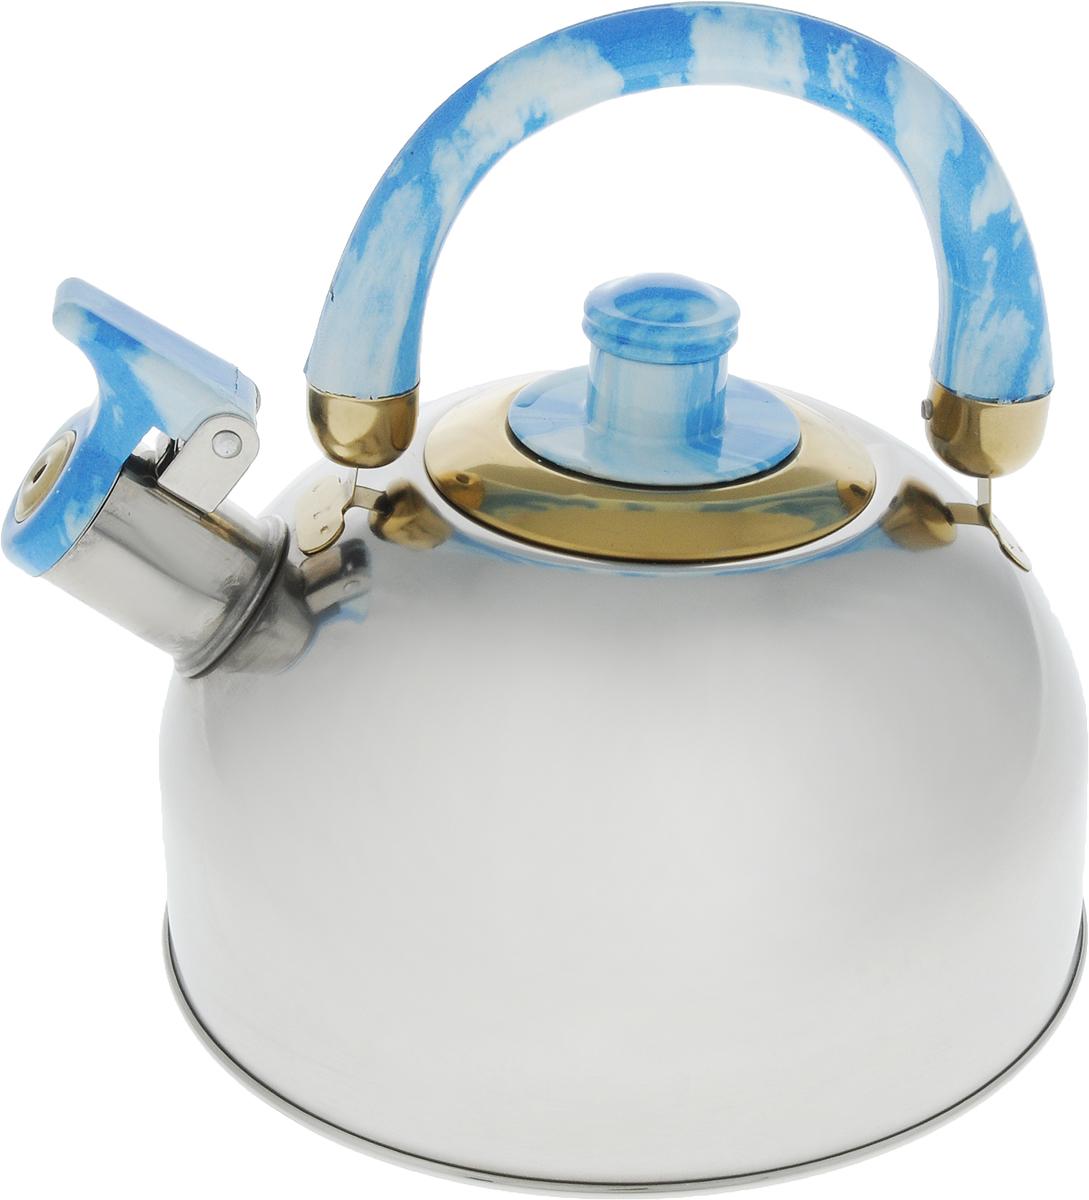 Чайник Bohmann, со свистком, 2,5 л. 621BHL621BHLЧайник Bohmann изготовлен из нержавеющей стали с зеркальной полировкой. Высококачественная сталь представляет собой материал, из которого в течение нескольких десятилетий во всем мире производятся столовые приборы, кухонные инструменты и различные аксессуары. Этот материал обладает высокой стойкостью к коррозии и кислотам. Прочность, долговечность и надежность этого материала, а также первоклассная обработка обеспечивают практически неограниченный запас прочности и неизменно привлекательный внешний вид. Чайник оснащен удобной ручкой из бакелита. Ручка не нагревается, что предотвращает появление ожогов и обеспечивает безопасность использования. Носик чайника имеет откидной свисток для определения кипения. Можно использовать на всех типах плит, кроме индукционных. Можно мыть в посудомоечной машине. Диаметр (по верхнему краю): 8,5 см.Высота чайника (без учета ручки): 10 см.Высота чайника (с учетом ручки): 19,5 см.Диаметр основания: 14 см.